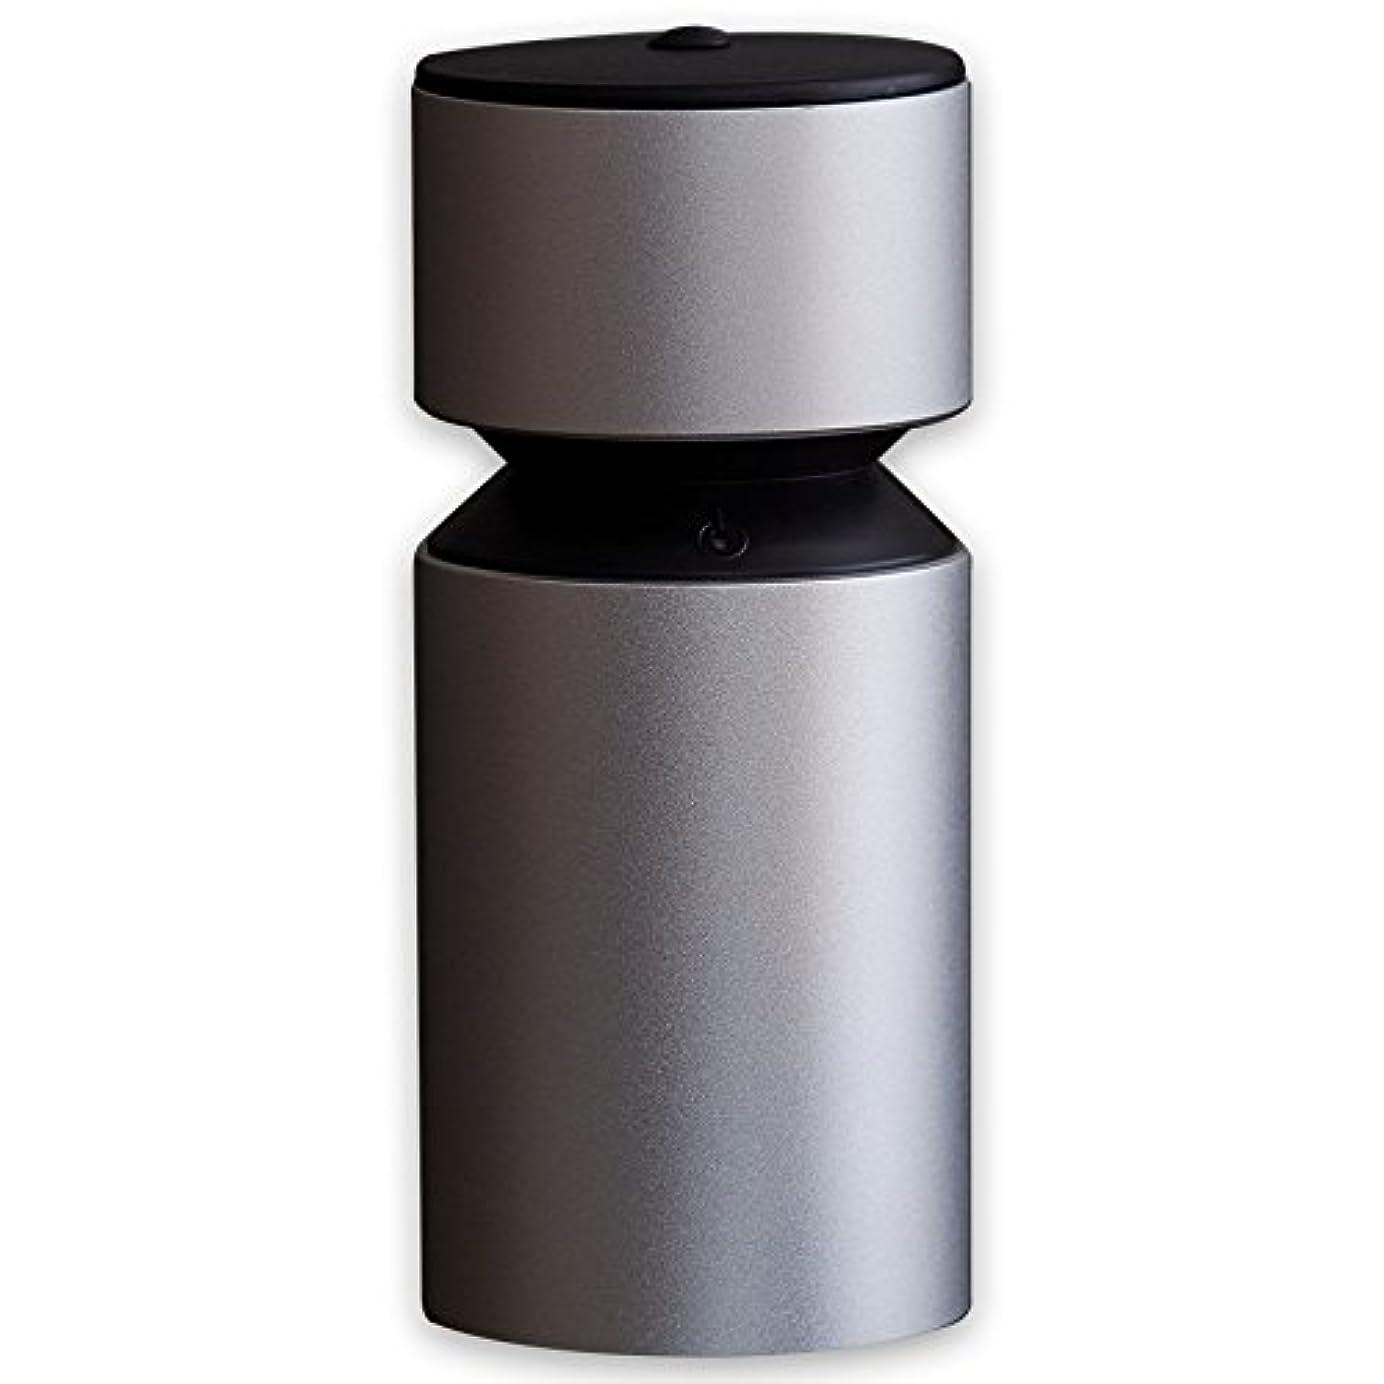 ラフトブローホールエアコンアロマディフューザー UR-AROMA03 卓上 小型 加湿器 Uruon(ウルオン) オーガニックアロマオイル対応 天然アロマオイル AROMA ポータブル usb コンパクト 充電式 タンブラー 2way アロマドロップ方式